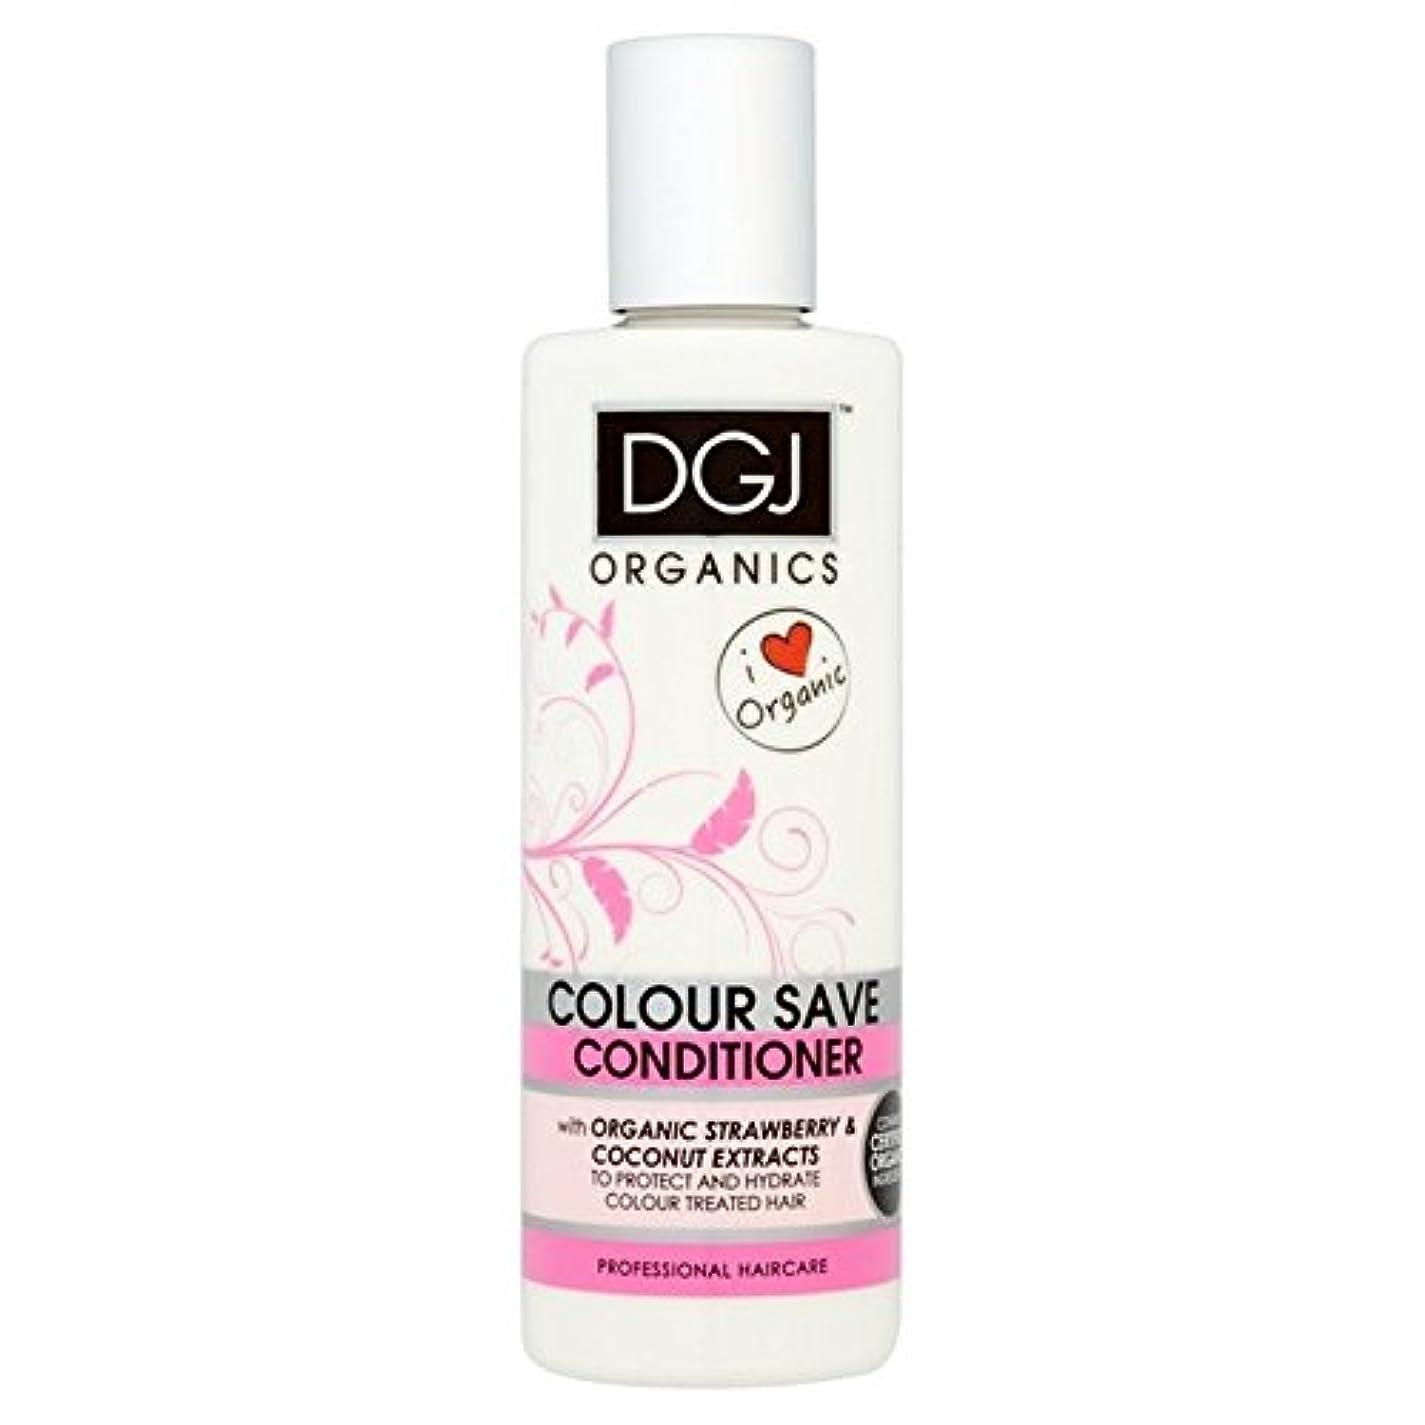 性交敬意窓有機物の色コンディショナー250を保存 x2 - DGJ Organics Colour Save Conditioner 250ml (Pack of 2) [並行輸入品]